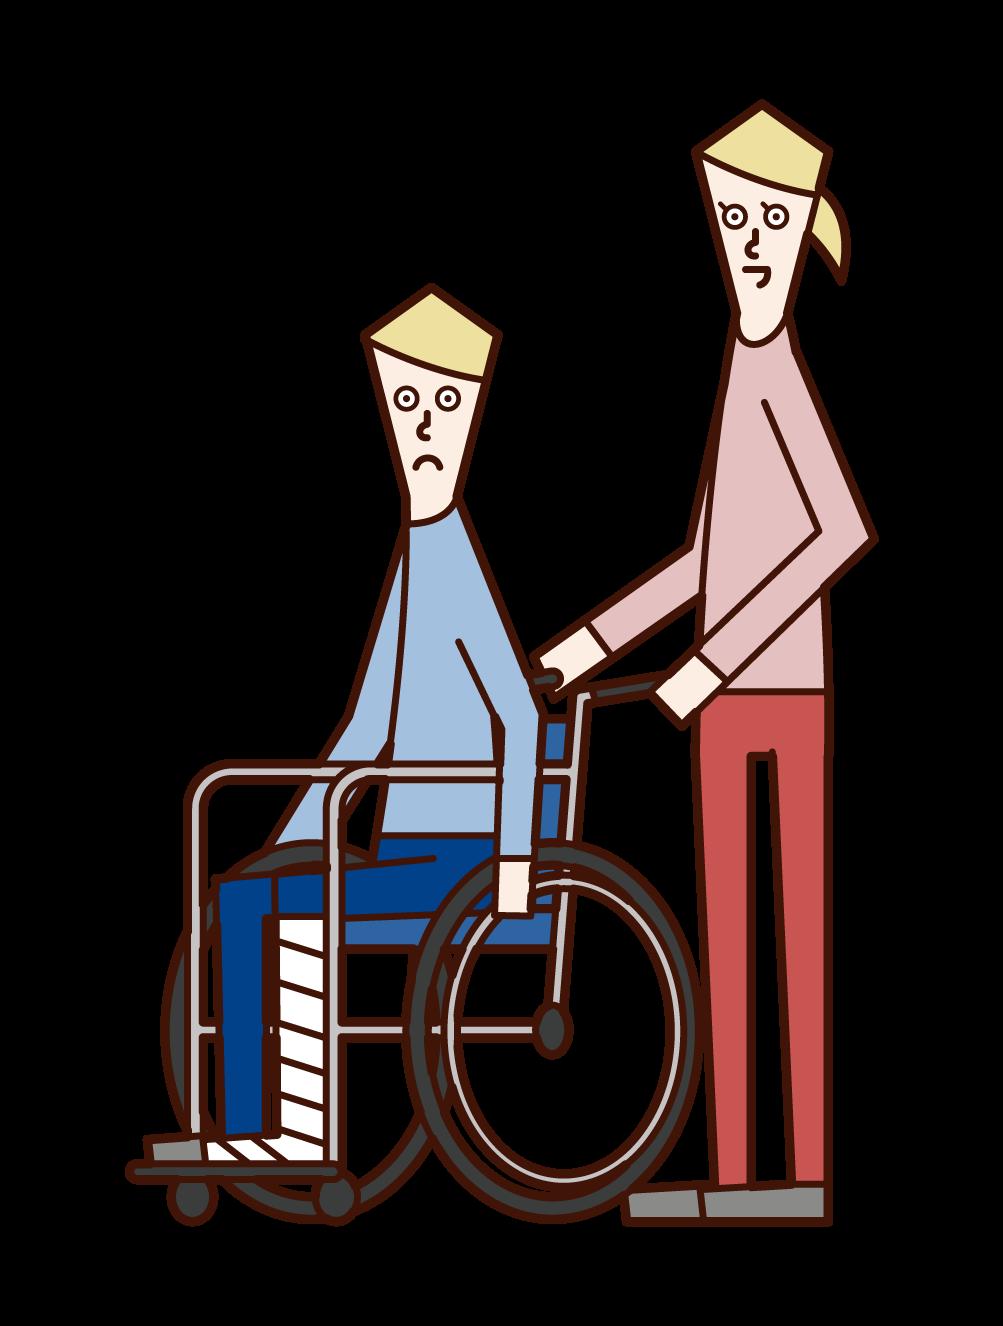 脚を骨折して車椅子に乗る人(男性)のイラスト